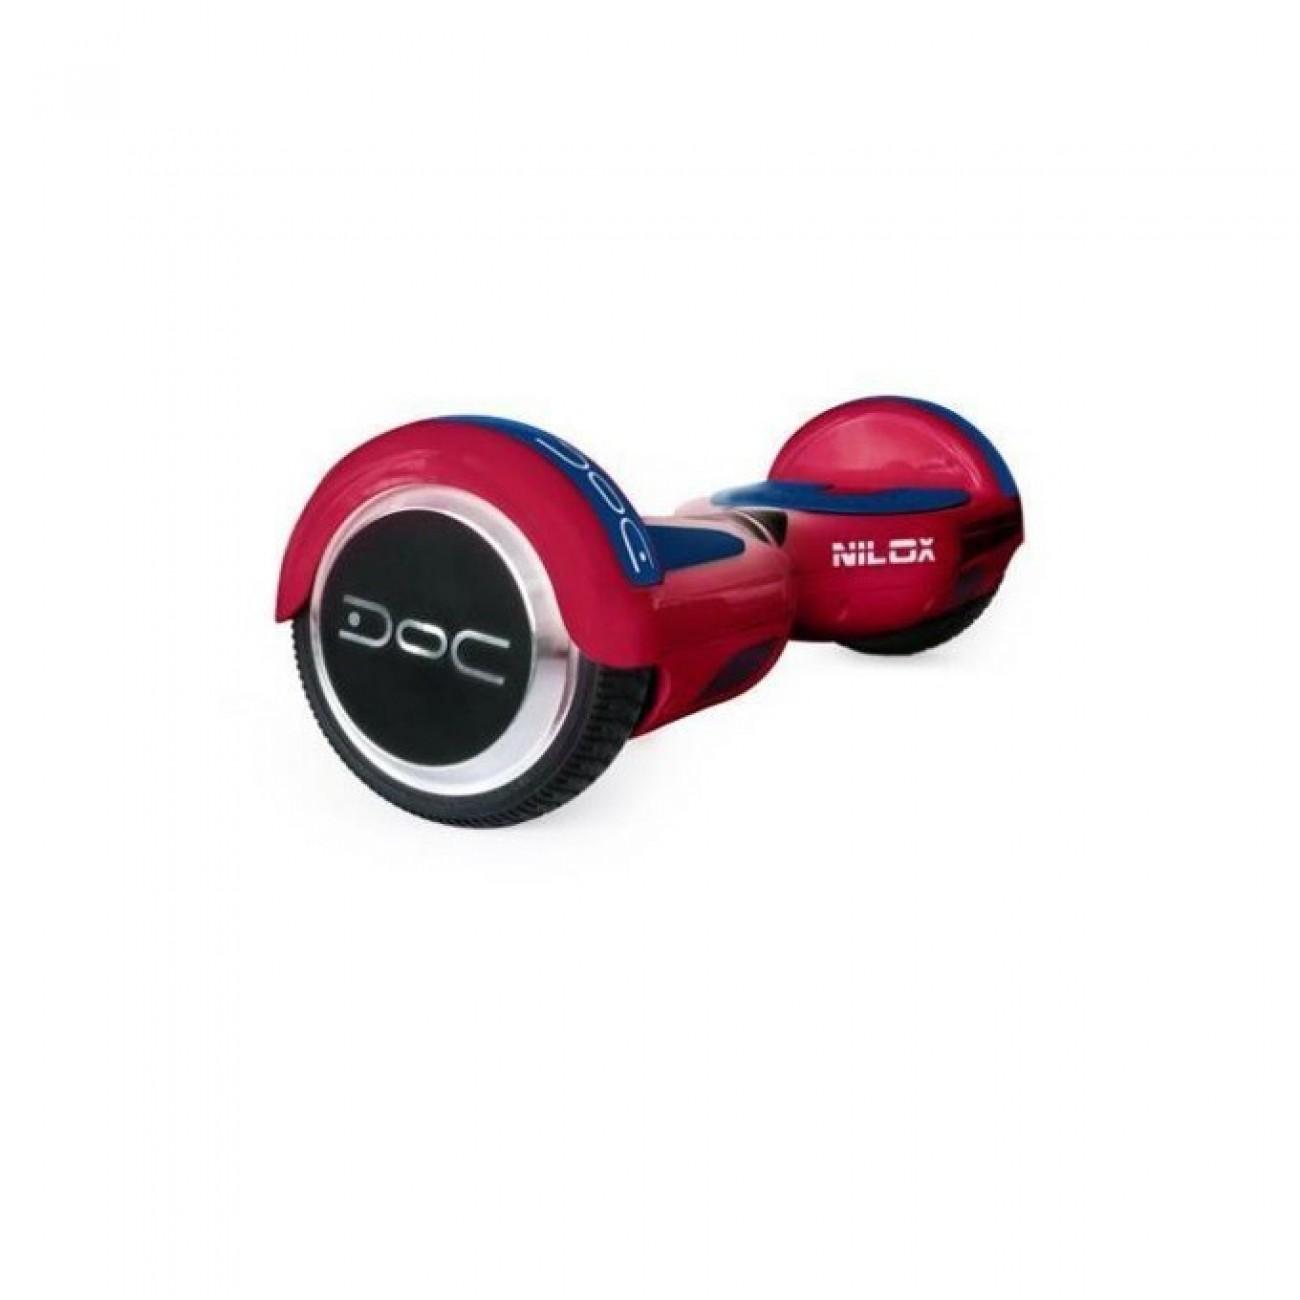 Ховърборд Nilox DOC Red, до 10км/ч скорост, 20км макс. пробег, до 100кг, 2x 240W двигатели, червен в Електрически превозни средства -  | Alleop